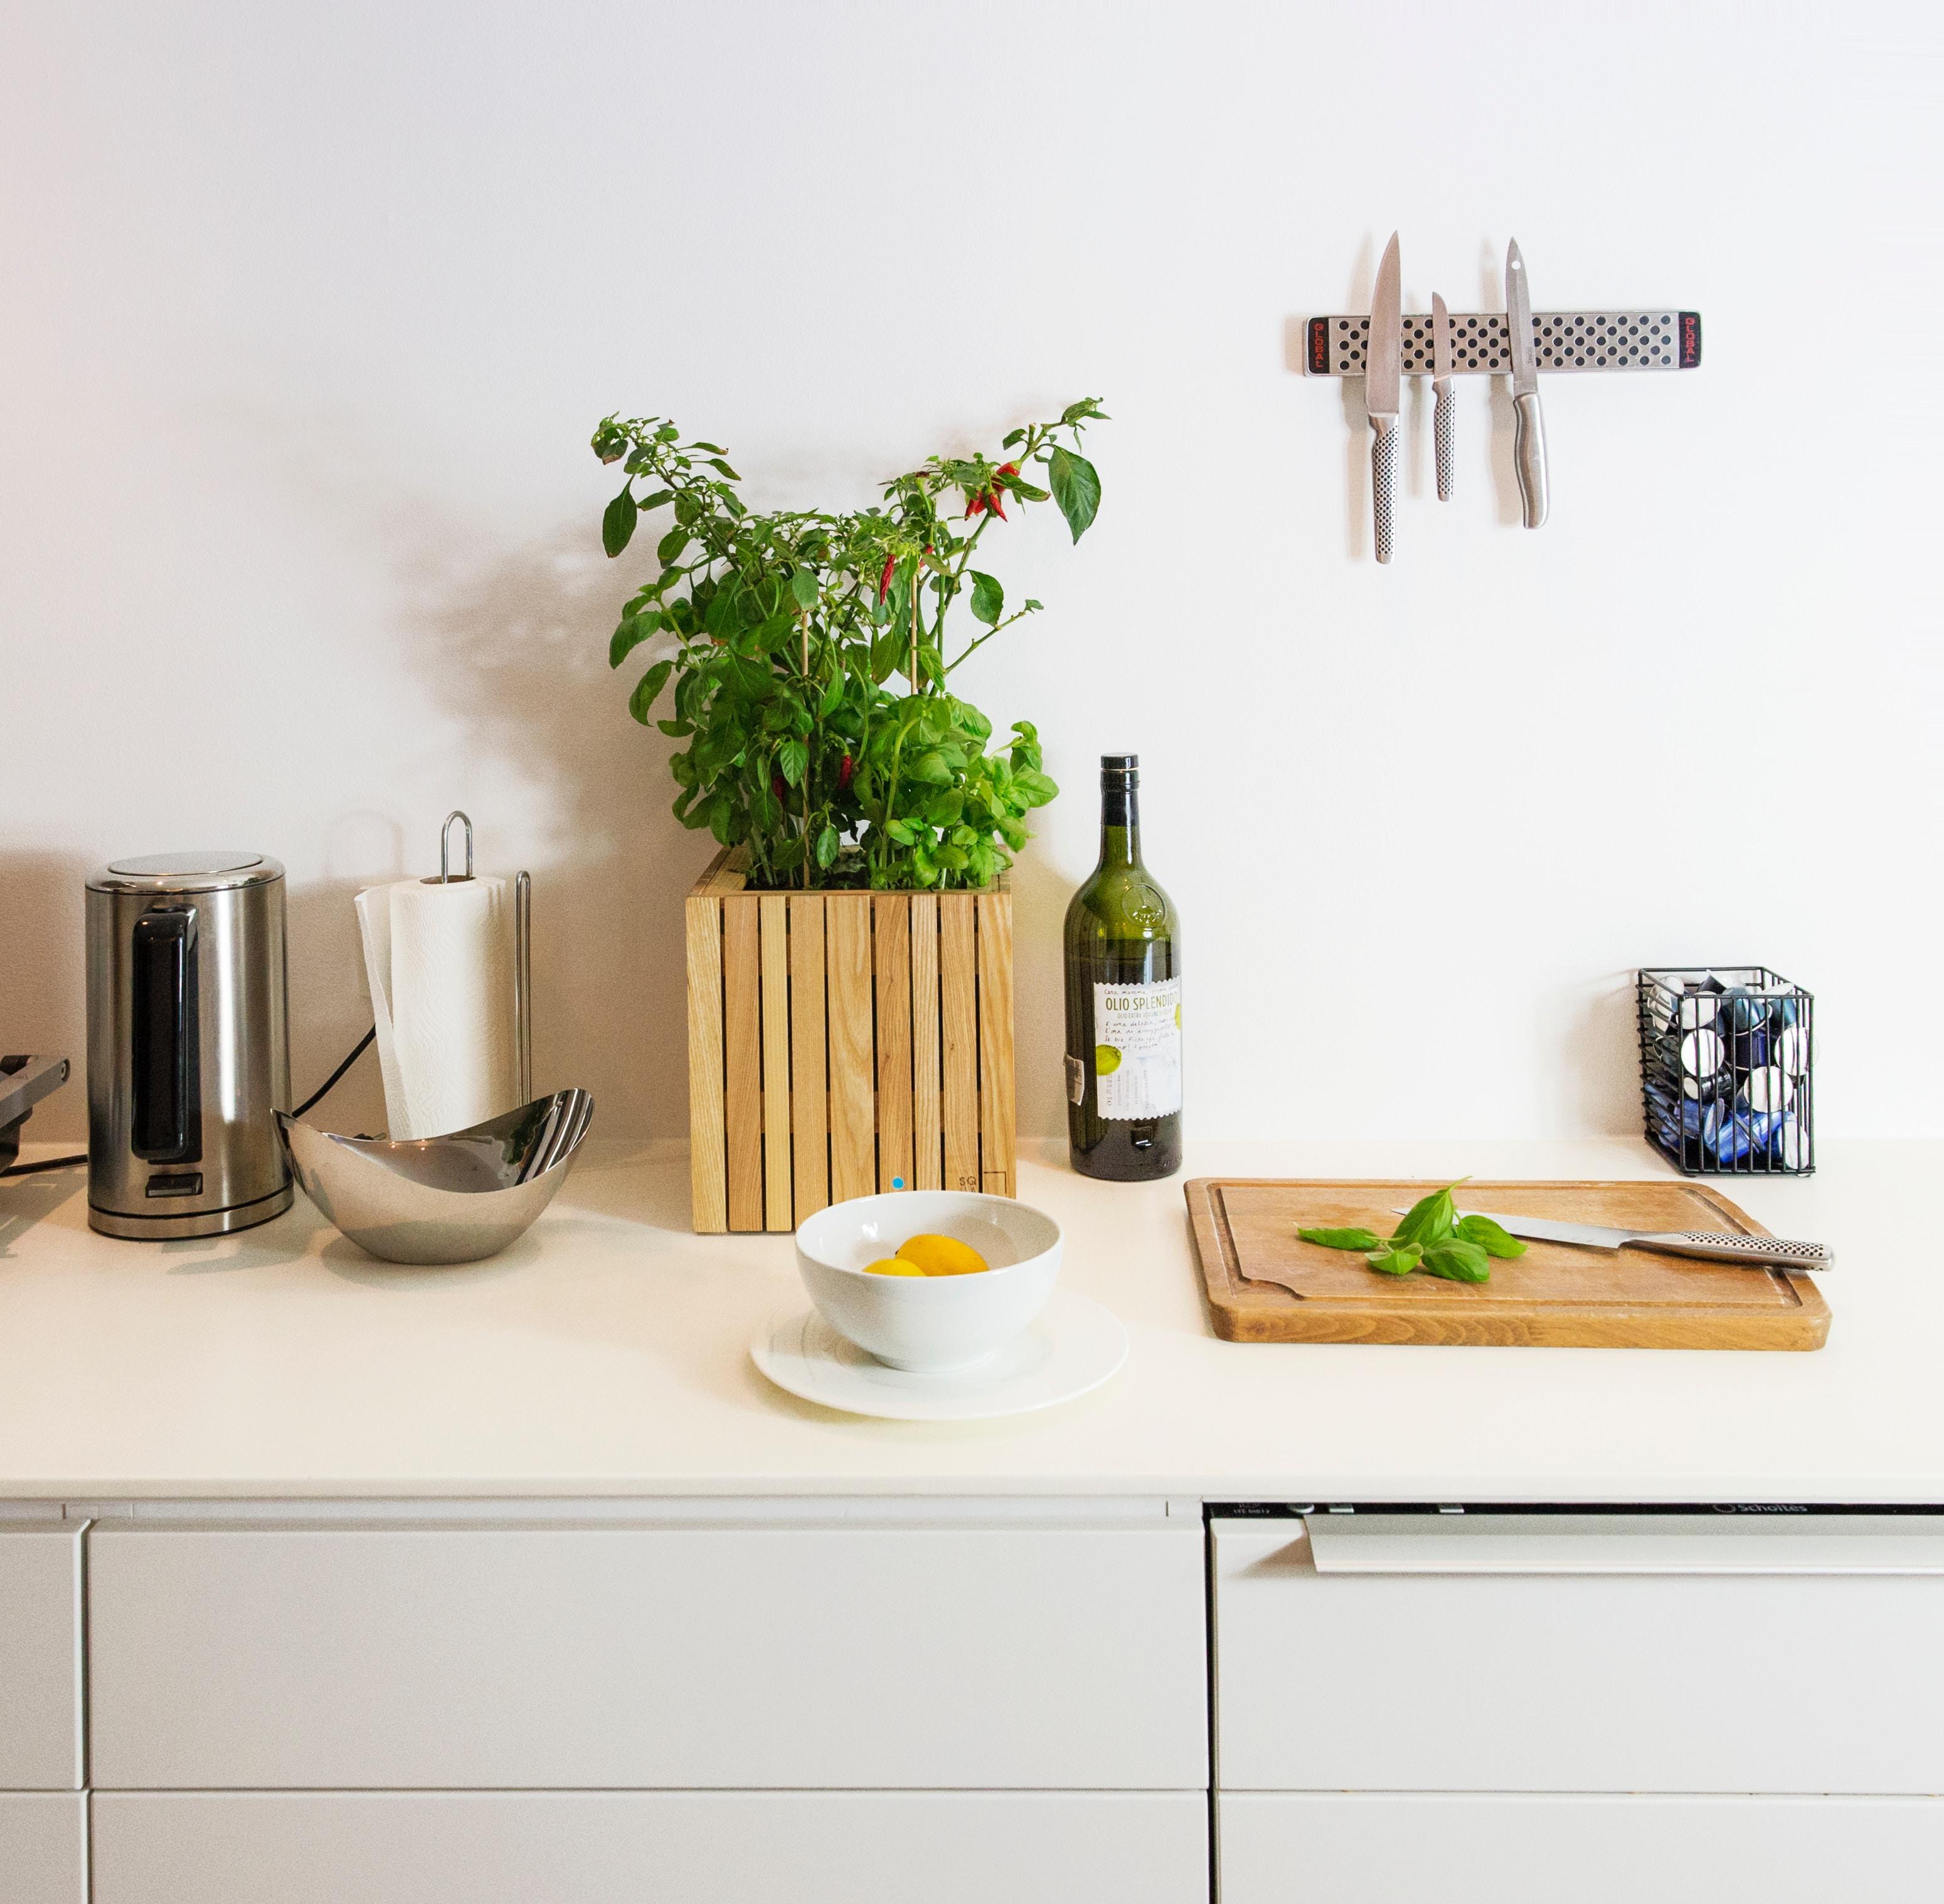 Top cucina: come scegliere i materiali adatti.